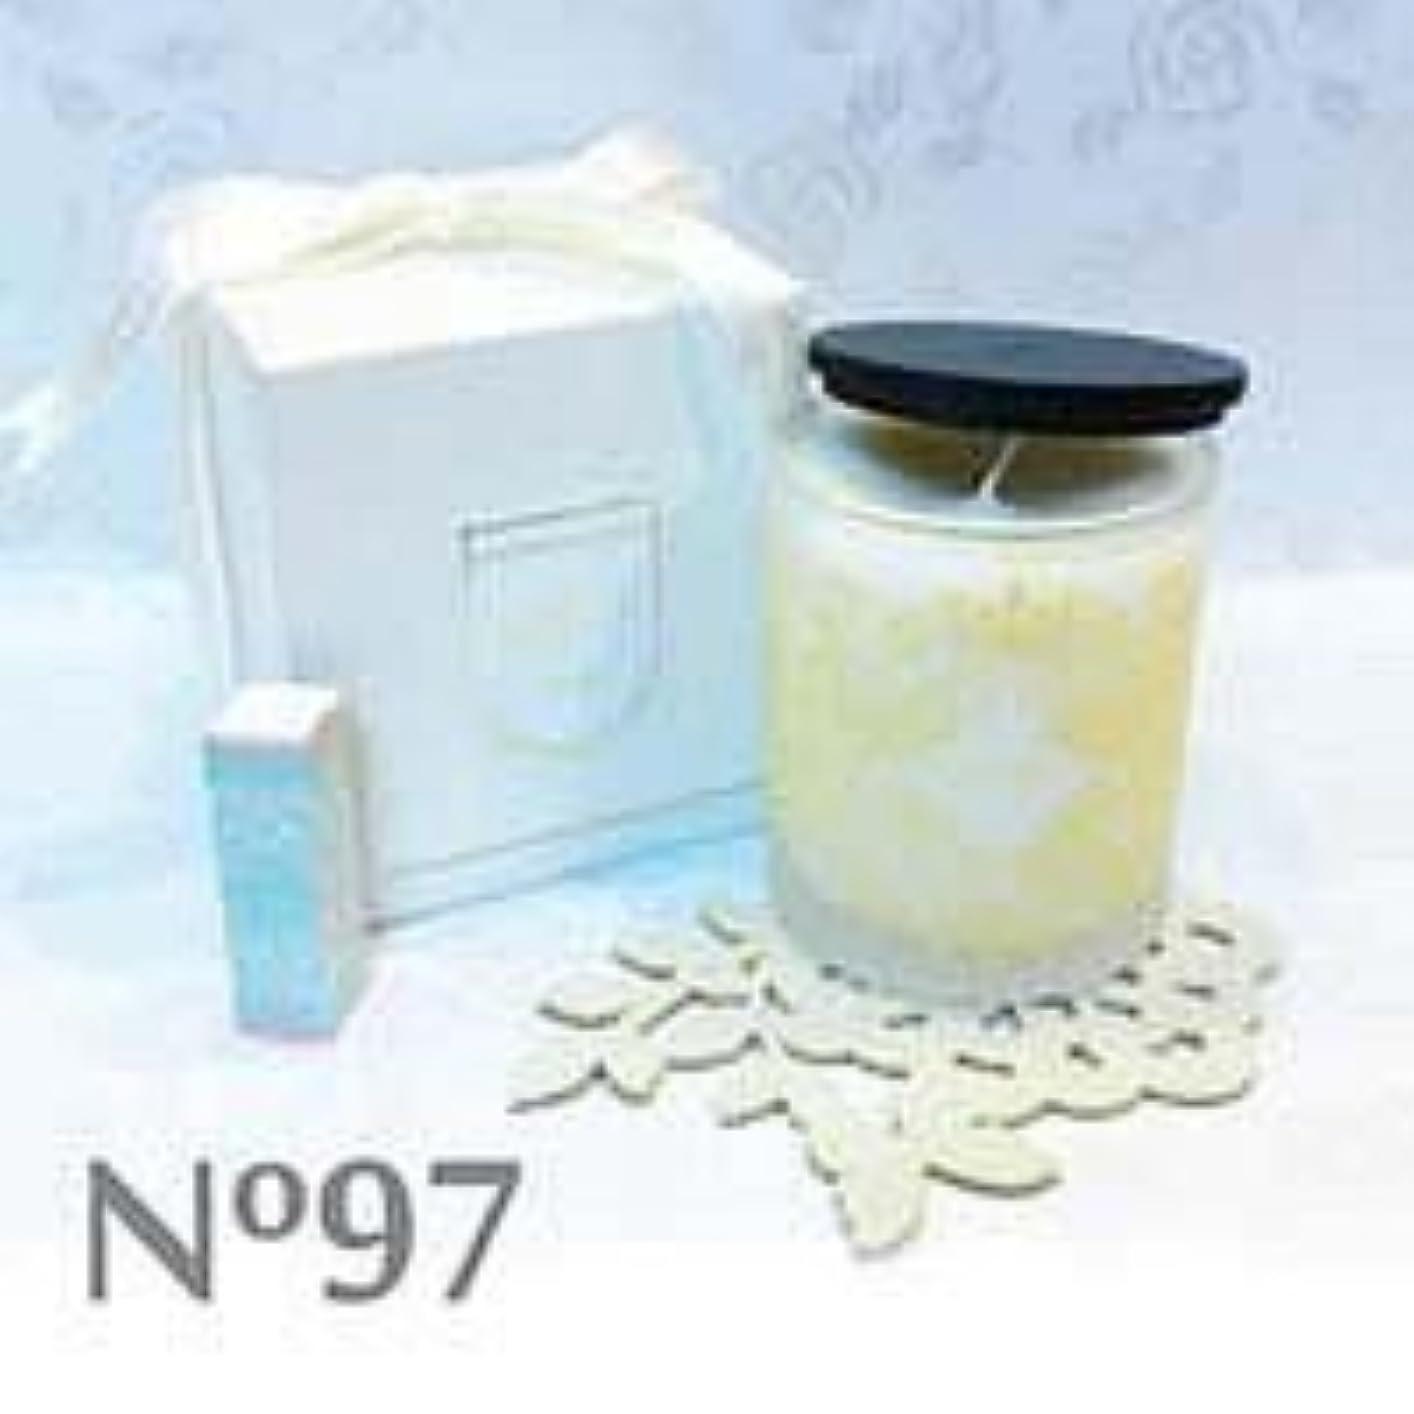 肯定的違反するバイナリアロマキャンドル parfum No.97